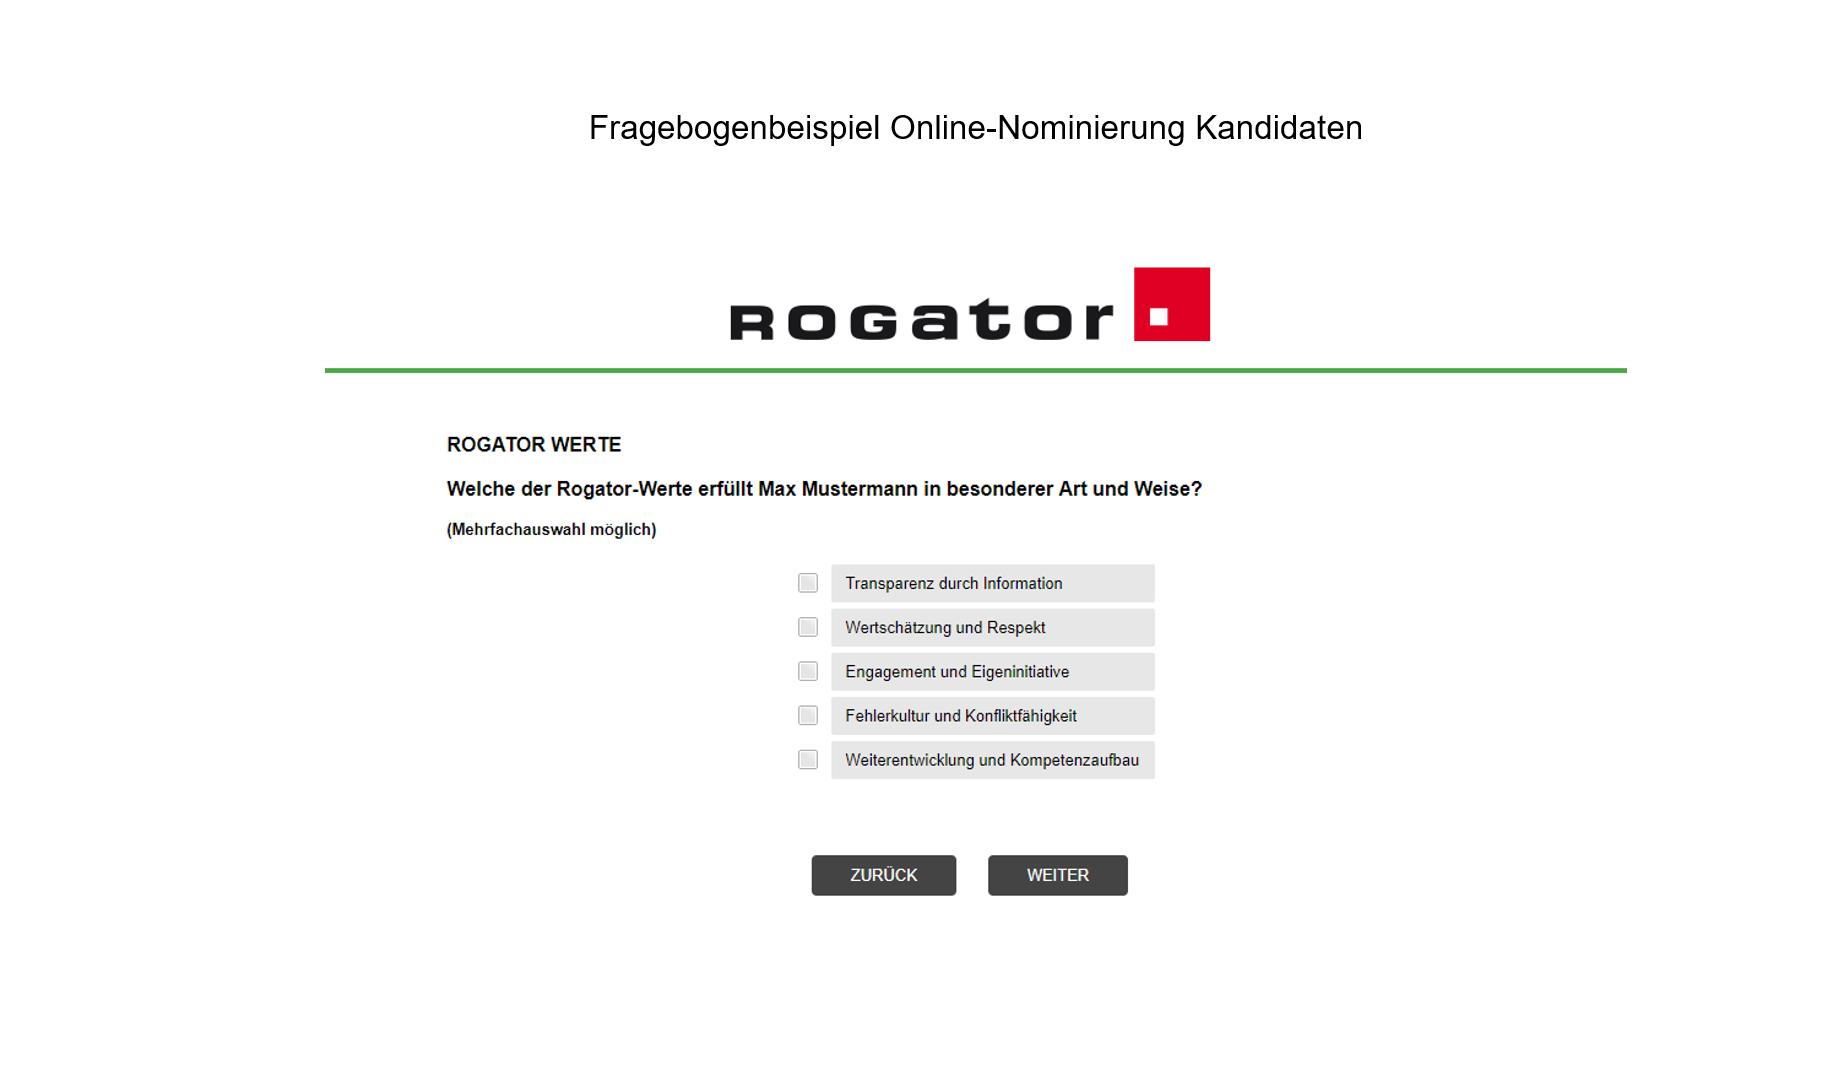 Betriebswahl, Mitbestimmung Fragebogenbeispiel Online-Nominierung Slide 2